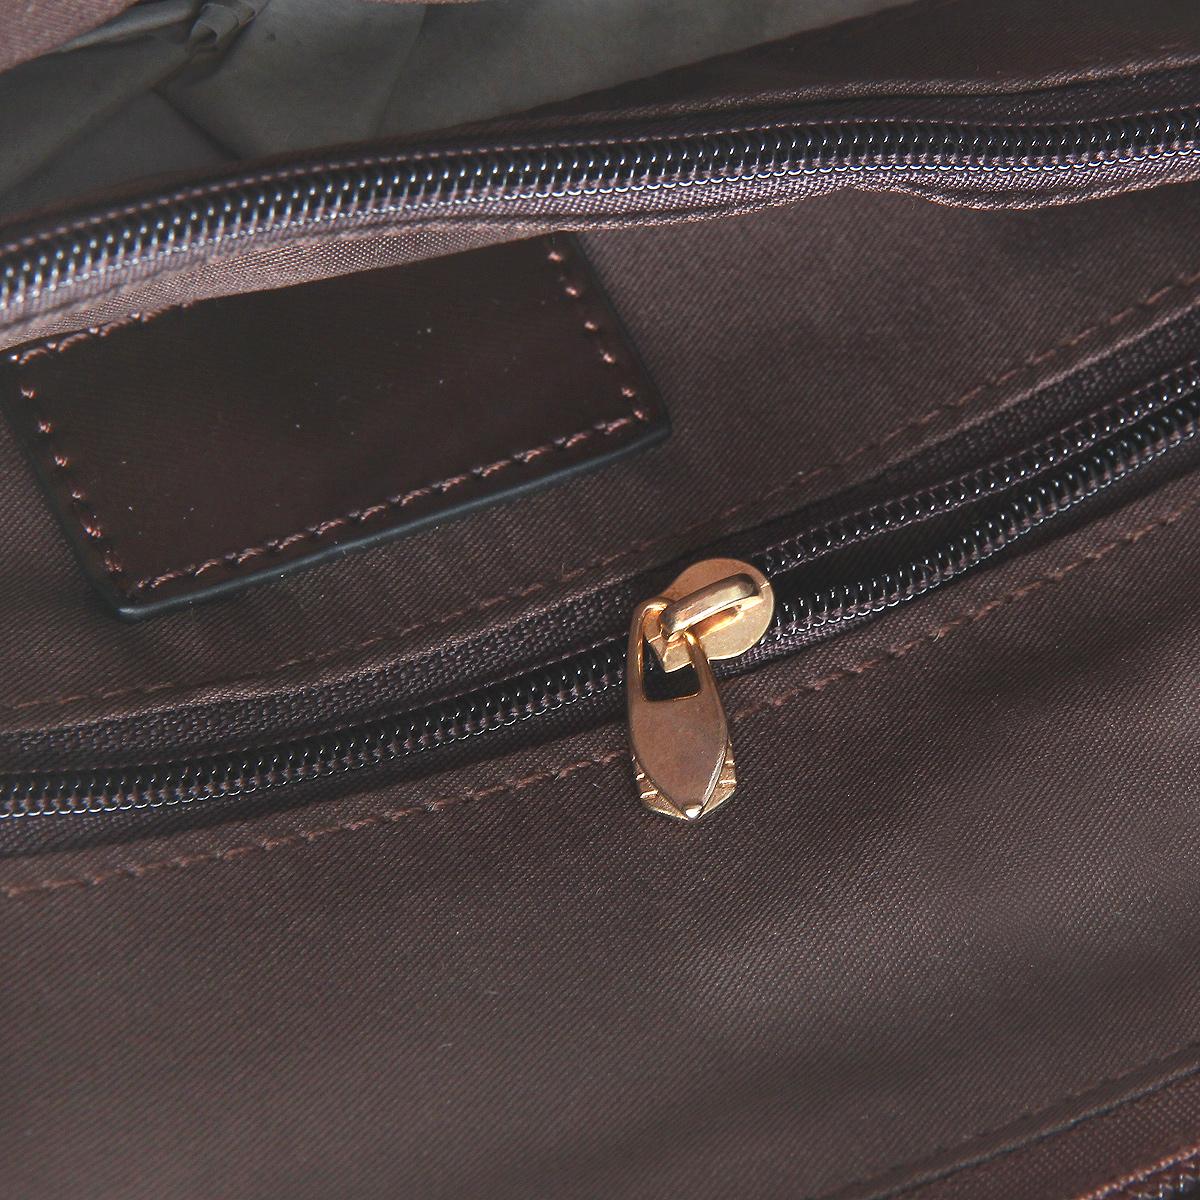 """Сумка женская """"Fancy bag """", цвет: коричневый. CM-6066-09 ( CM-6066-09 корич )"""